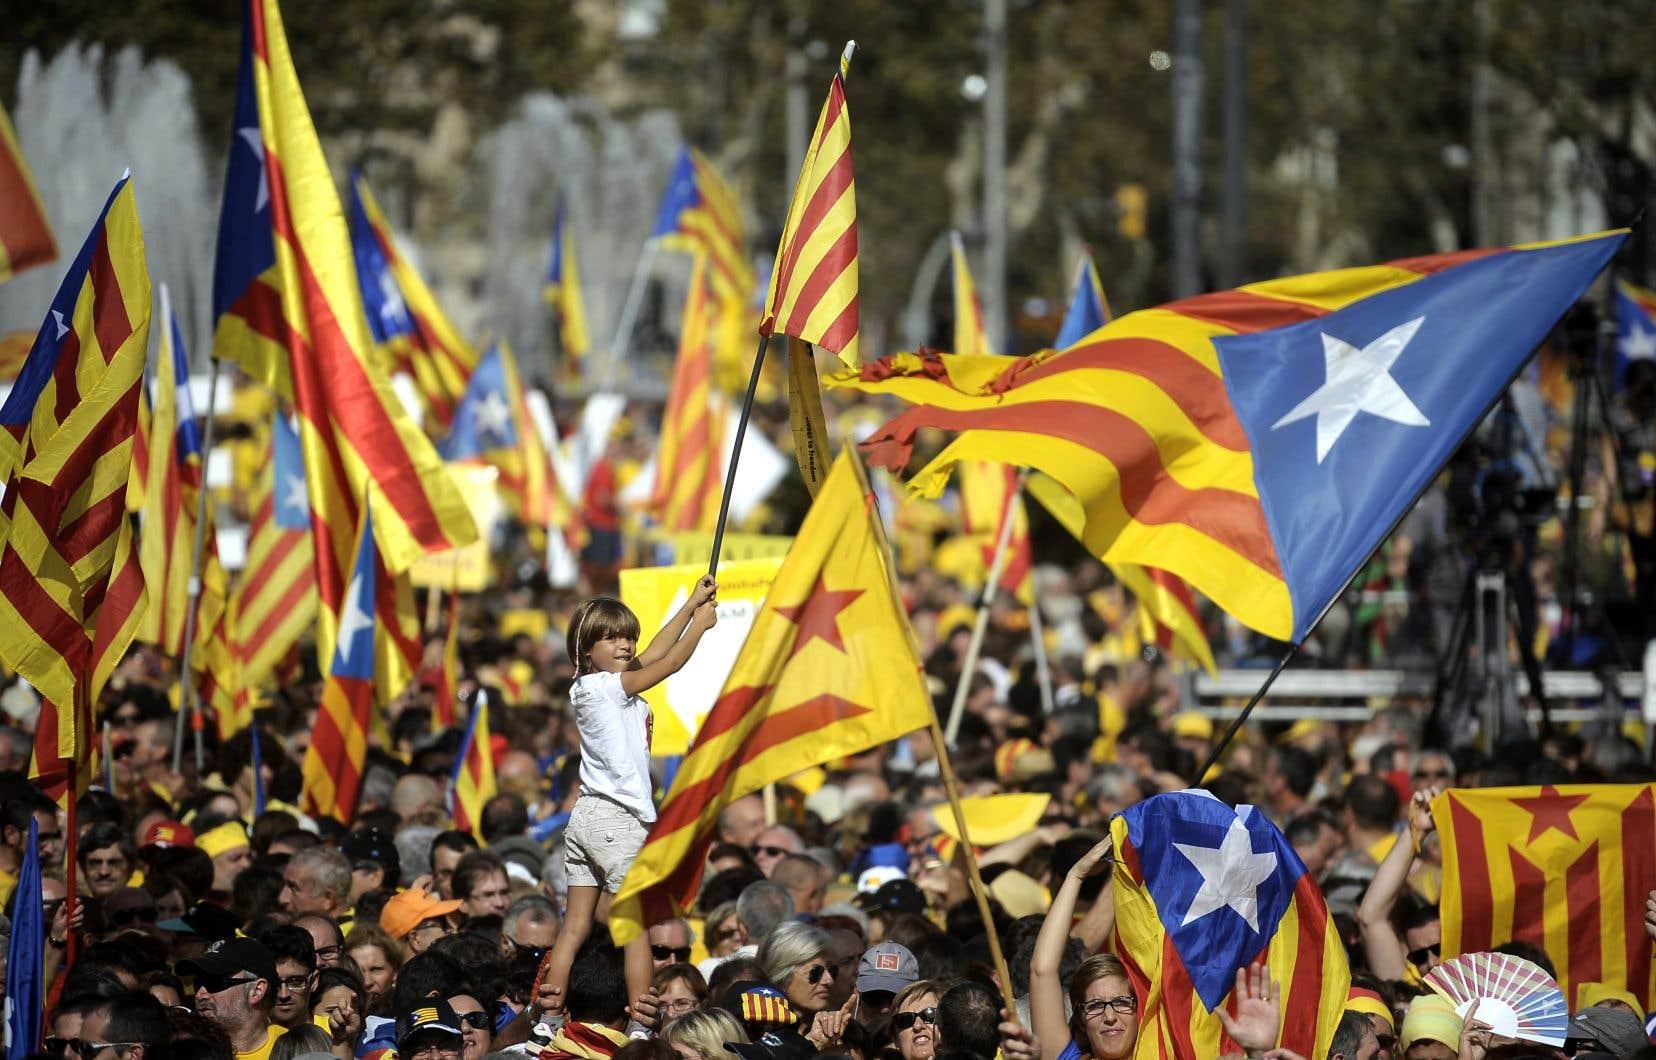 Il me semble que l'heure est venue — «Ara és l'hora», un des slogans 2014 de l'ANC —, comme le chantait Félix, pour le regroupement des forces vives du Québec, la fondation d'une entité véritablement non partisane inspirée du modèle catalan.